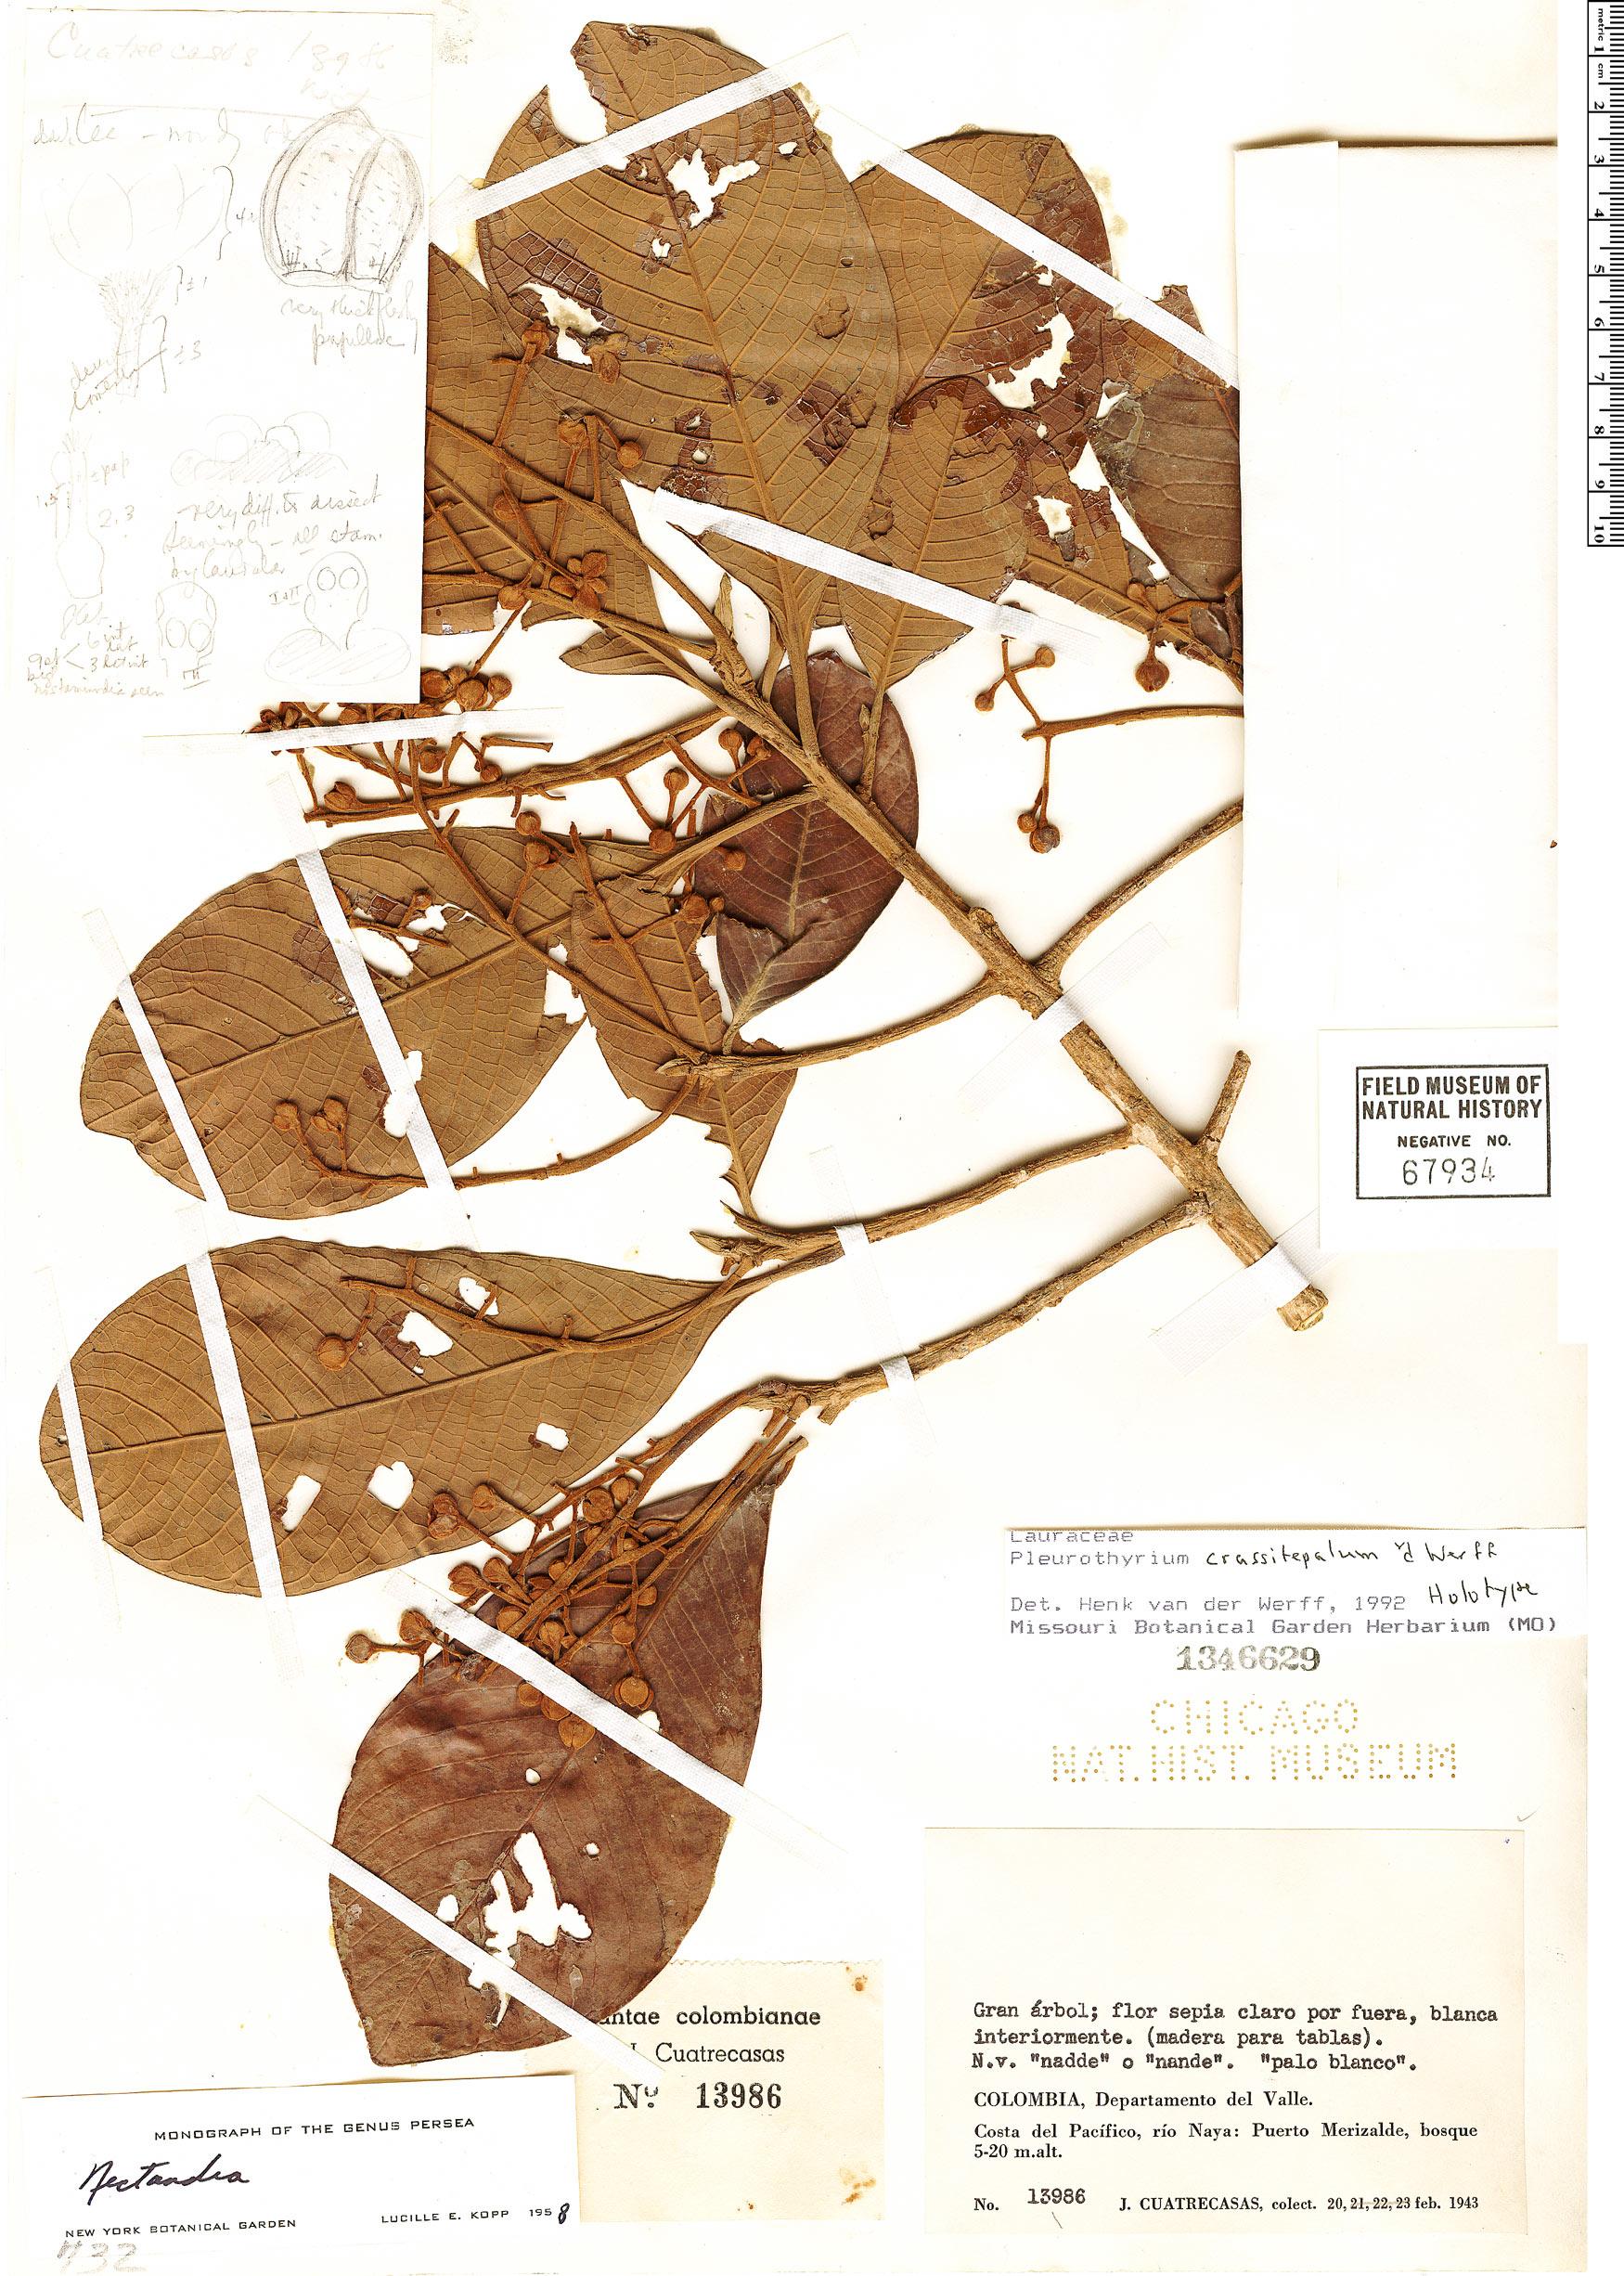 Specimen: Pleurothyrium crassitepalum